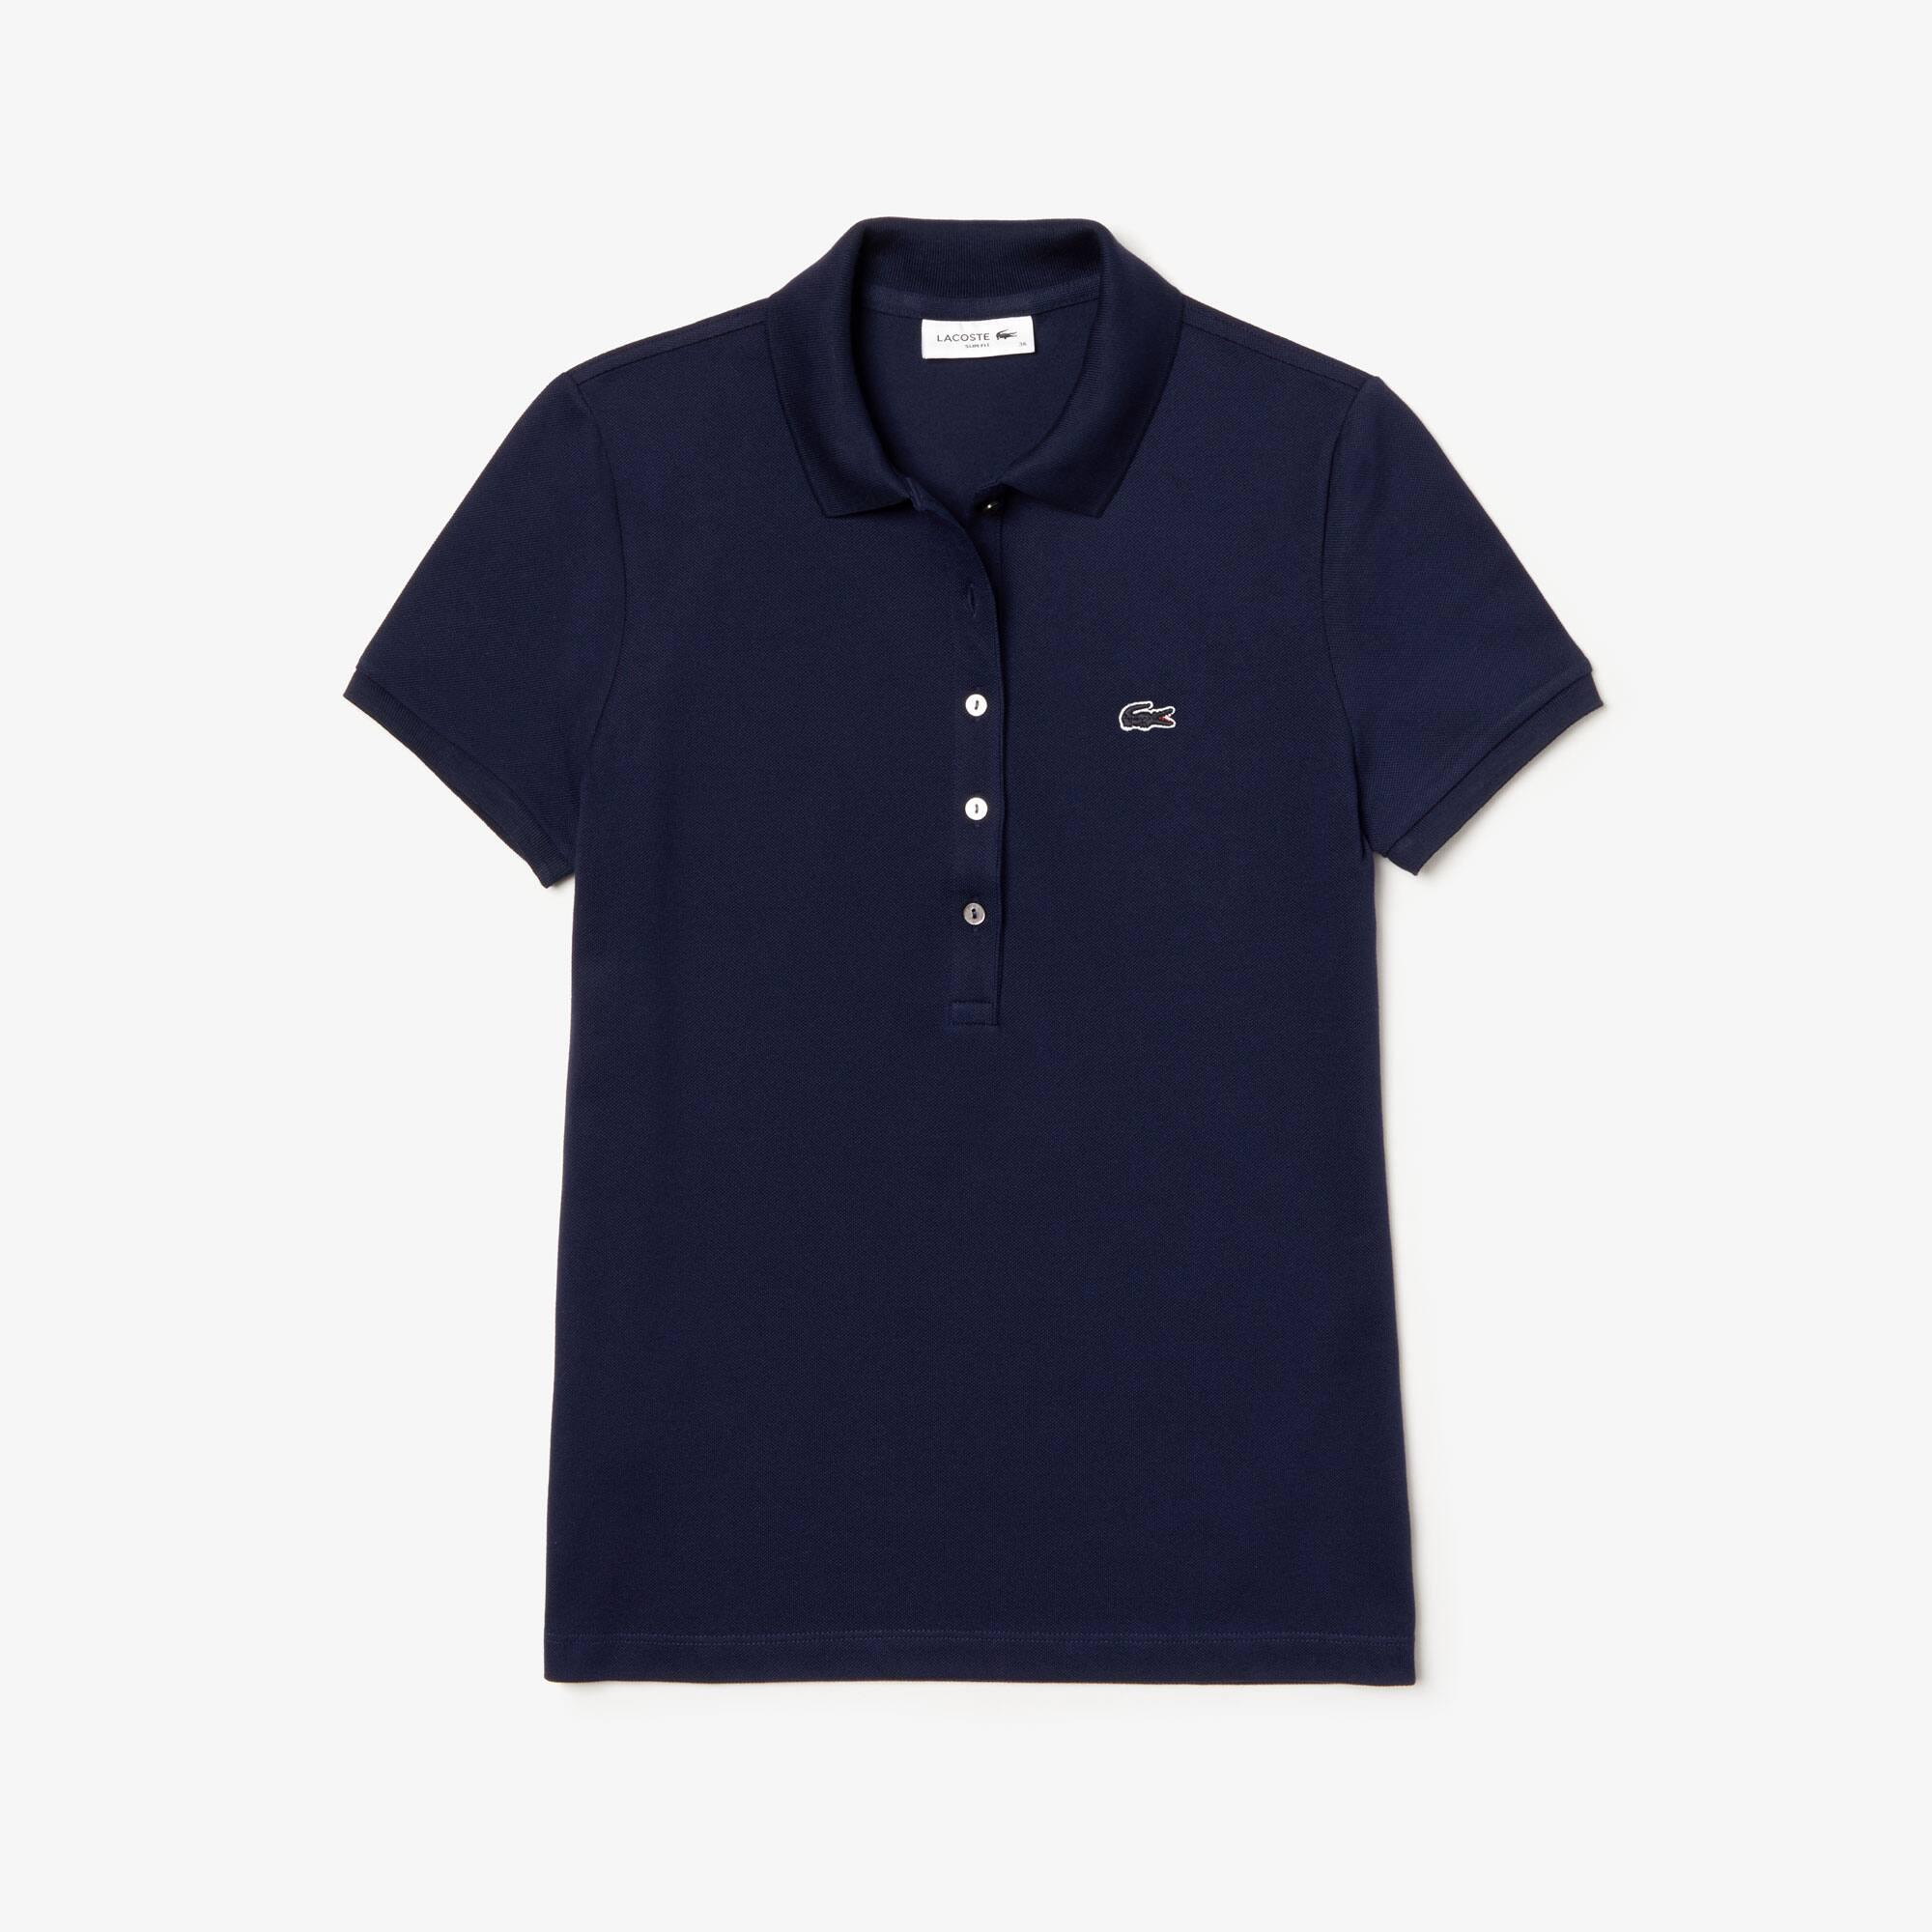 7b1d3ca60e5a Women s Lacoste Slim Fit Stretch Mini Cotton Piqué Polo Shirt   LACOSTE